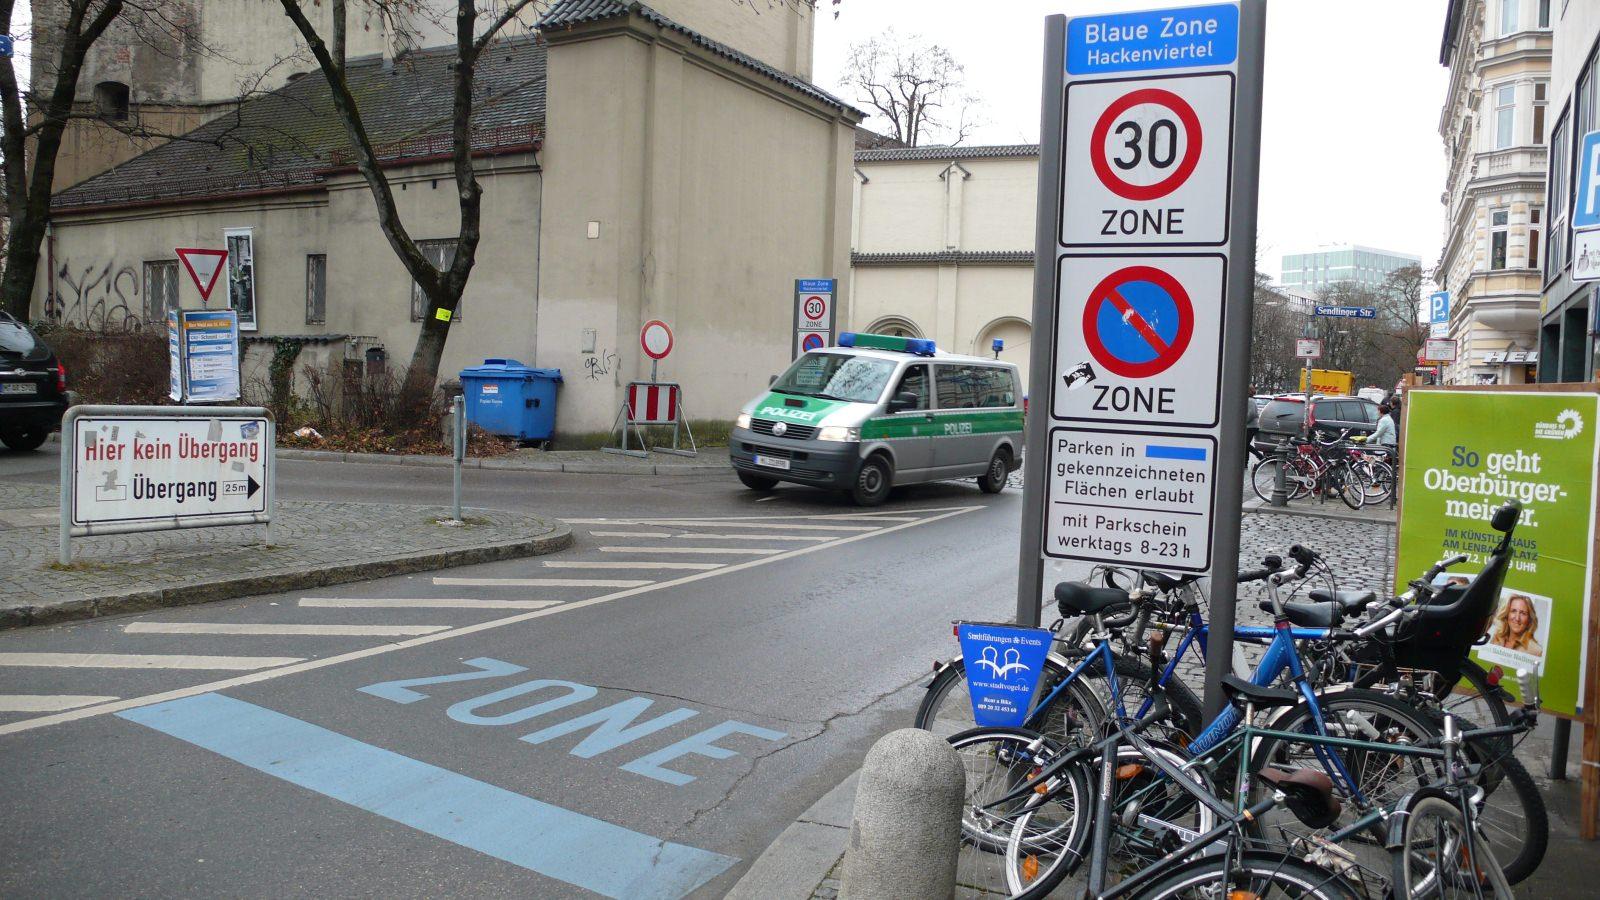 München Parkzone Blaue Zone Innenstadt Parkraumbewirtschaftung